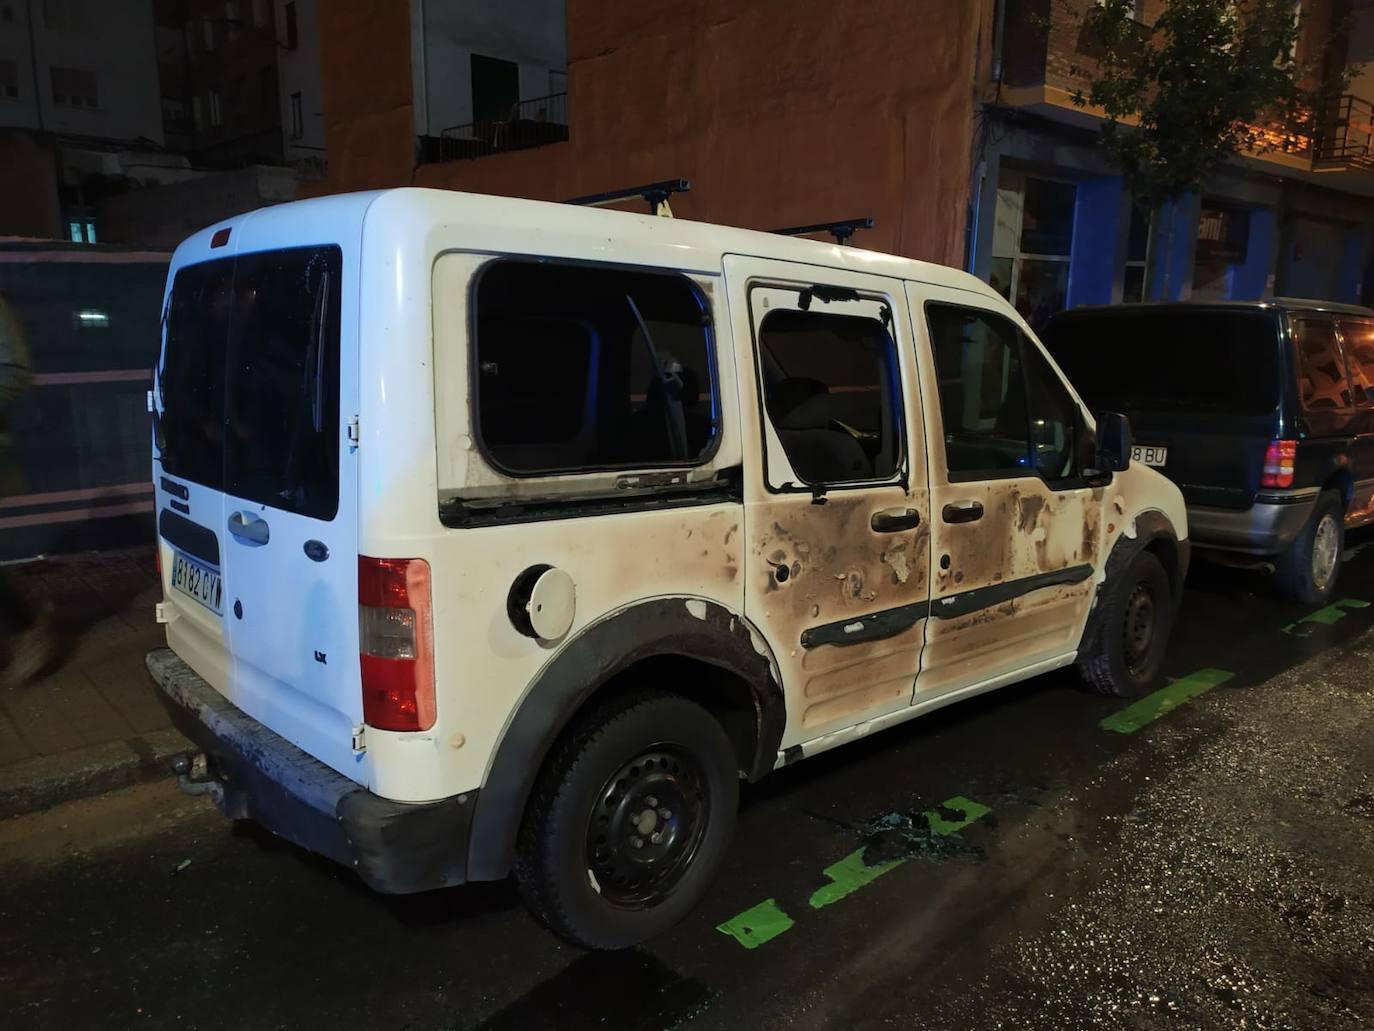 La quema de un contenedor en el centro de Bilbao causa daños en dos turismo